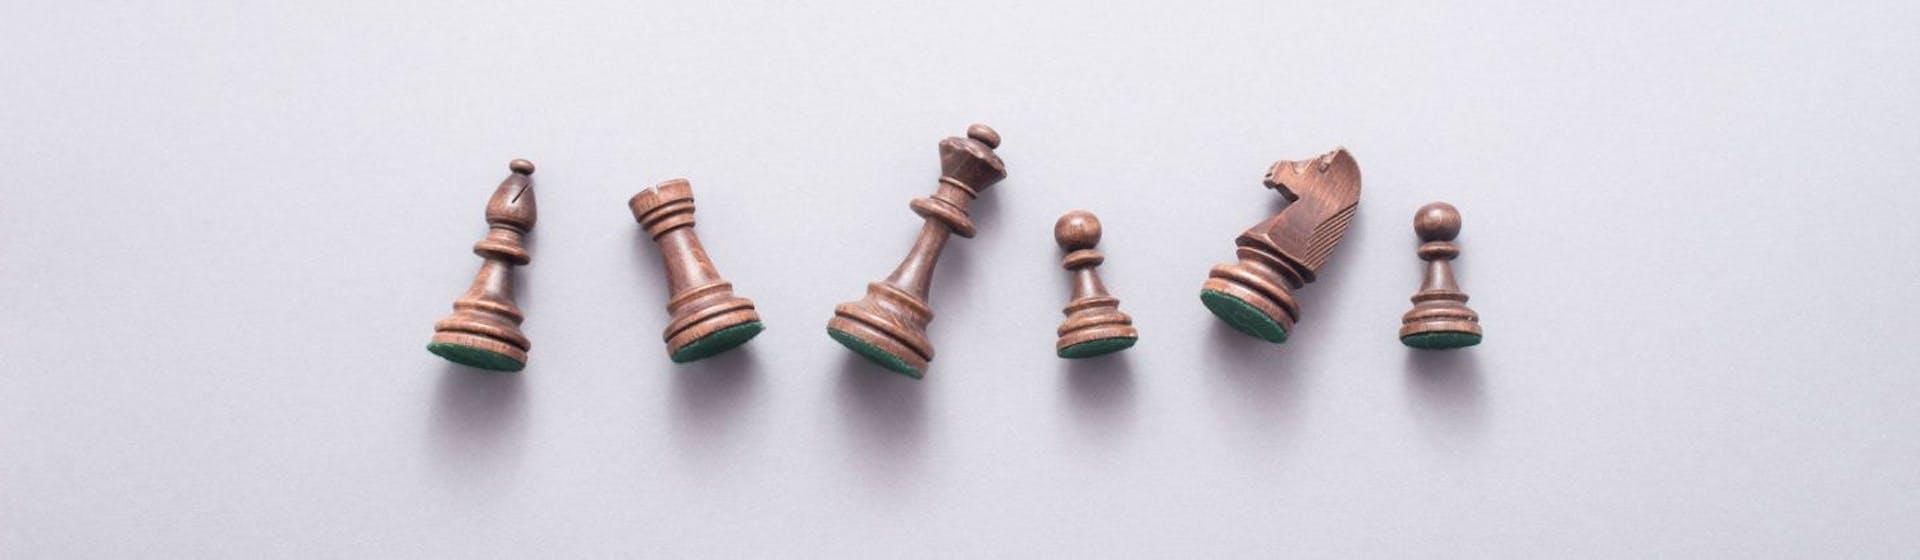 5 momentos clave en la historia del ajedrez y su evolución